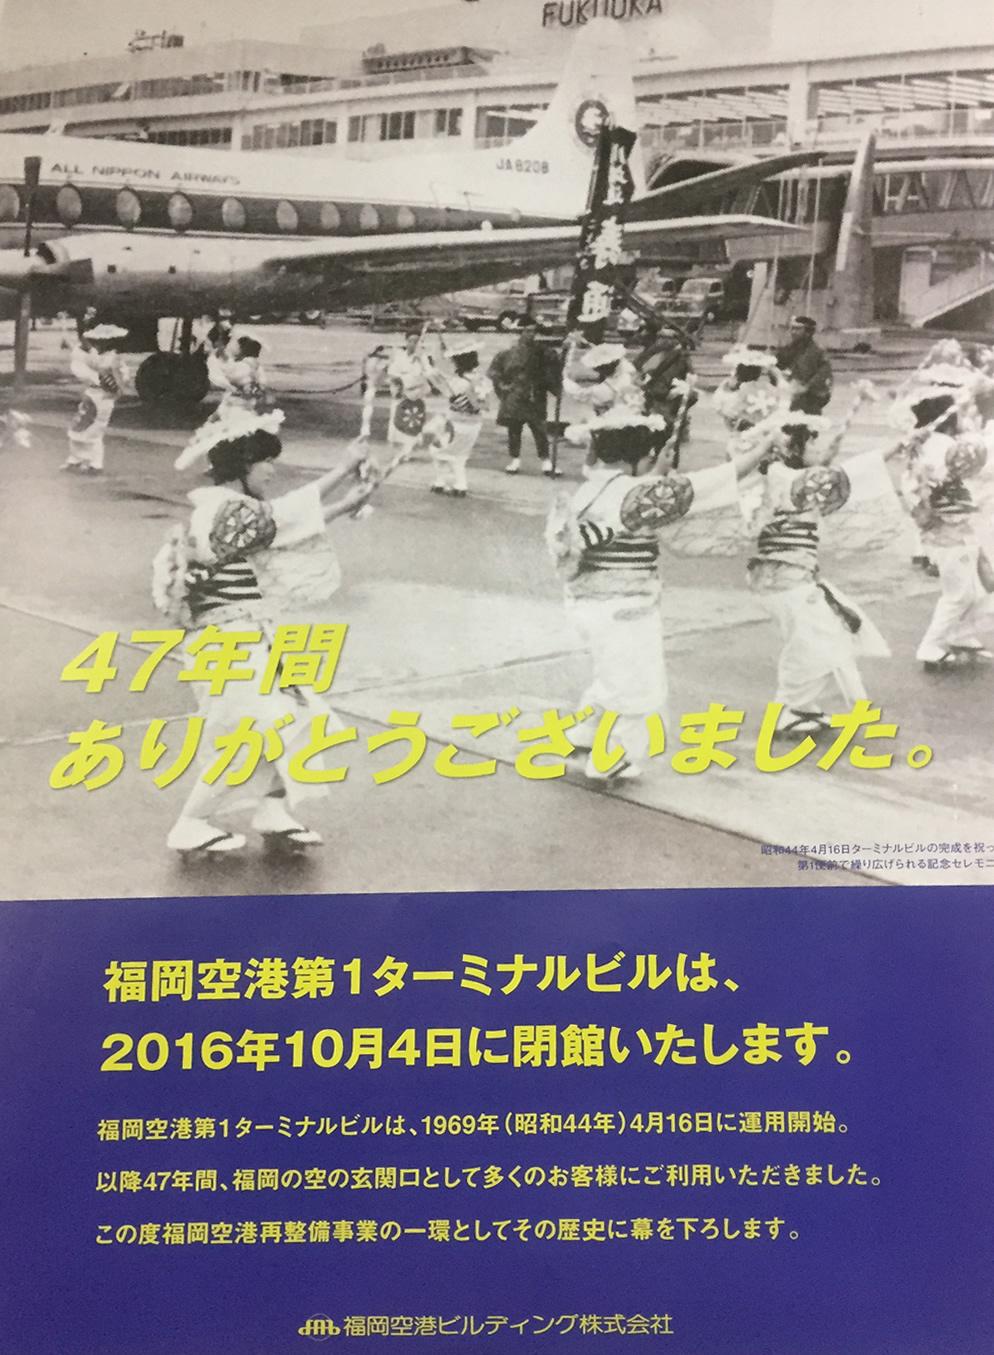 仙台に帰る時に利用するこのターミナルも今日が最後です